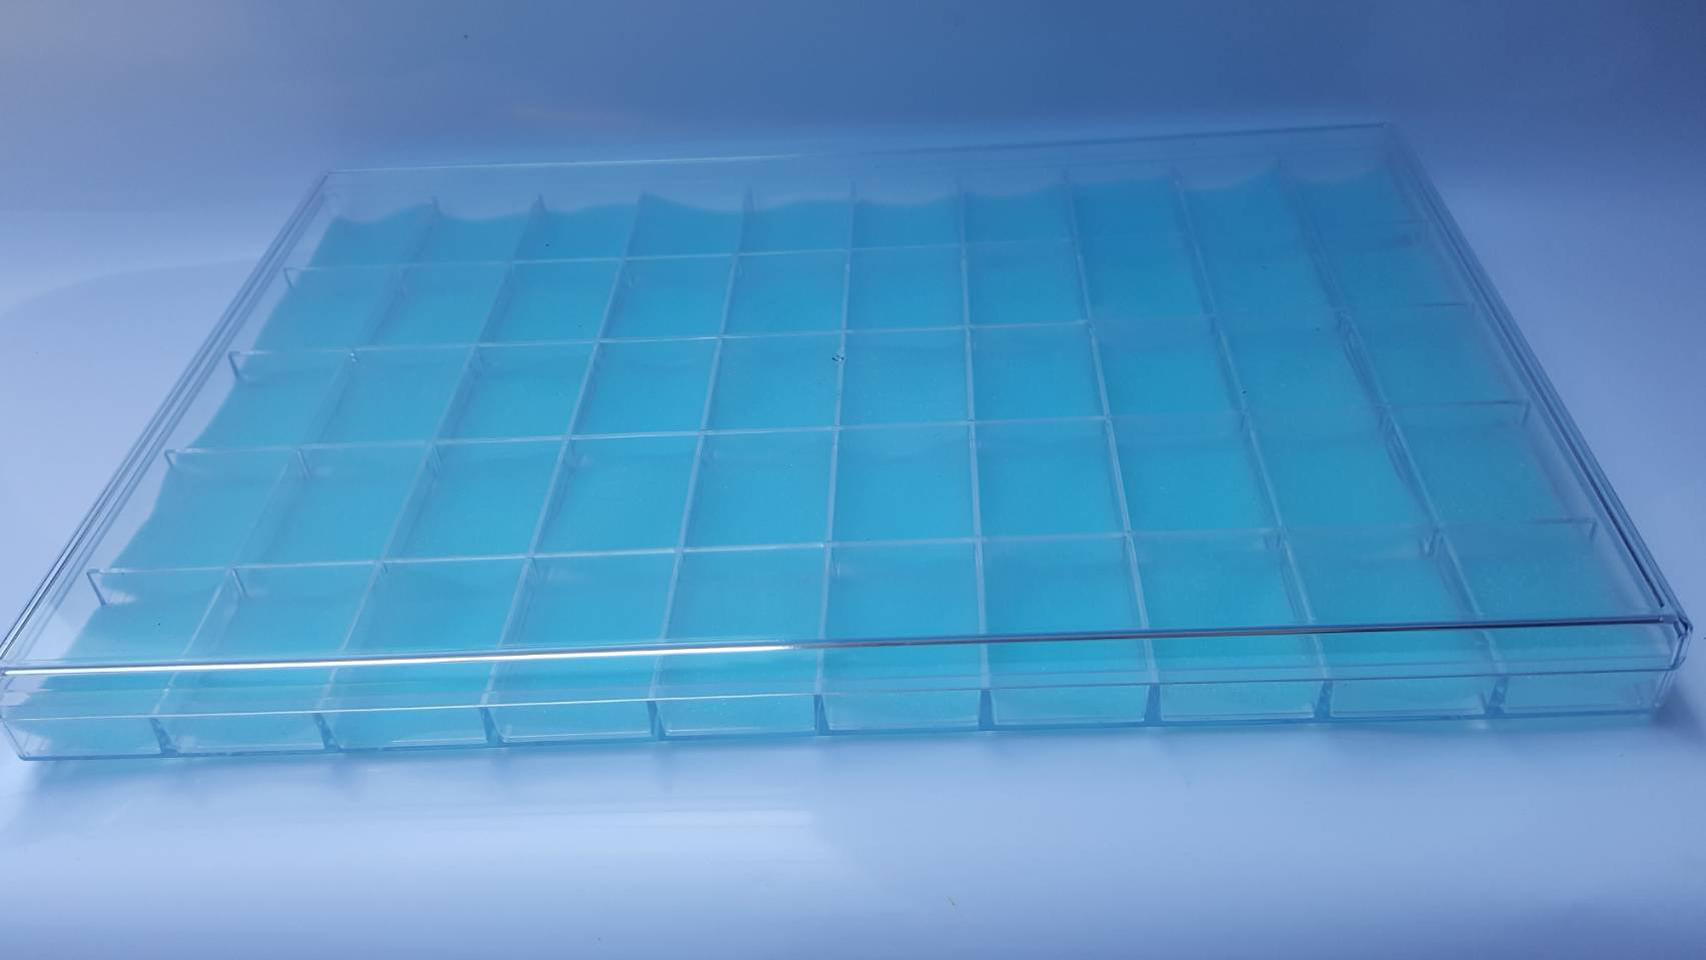 กล่องพลาสติก เอนกประสงค์ ติอต่อ เฮง 083-777-8672 รูปที่ 1